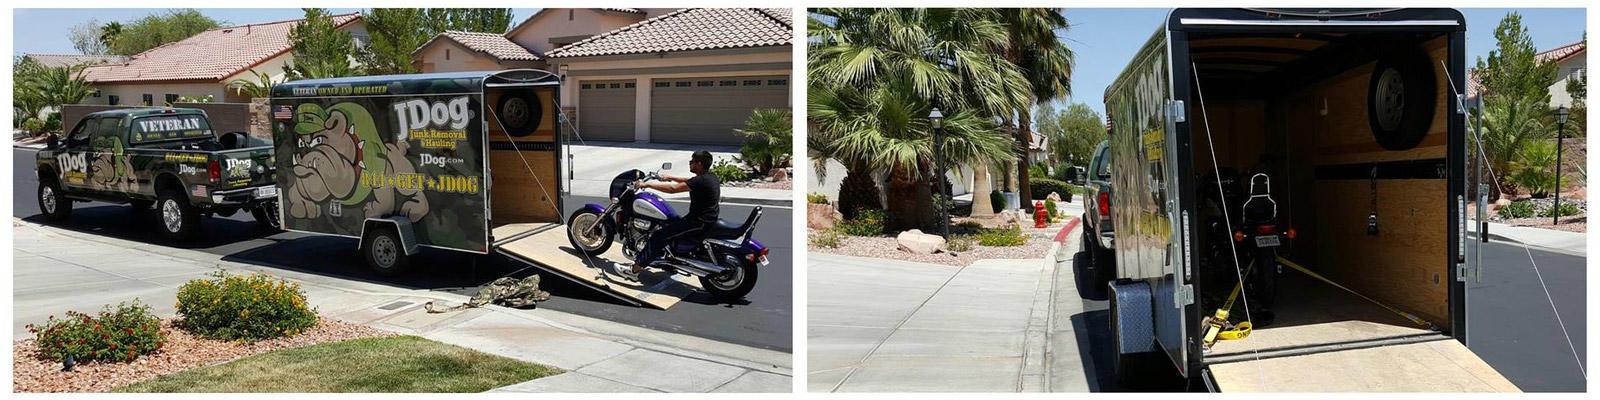 JDog Junk Removal & Hauling NW Las Vegas image 9